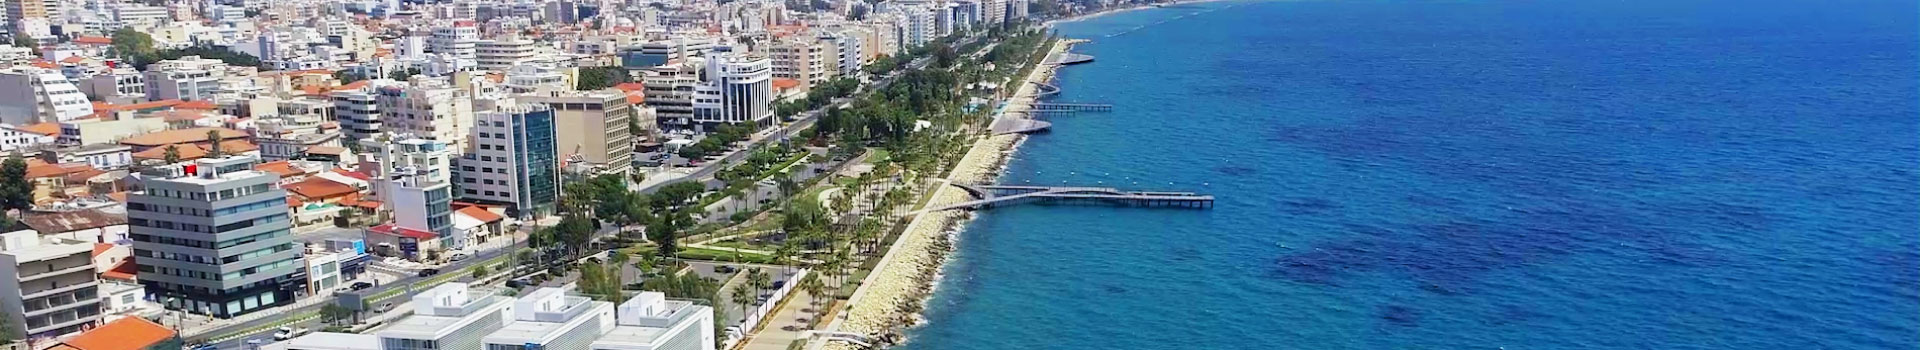 Застройщики рассказали, что россияне стали покупать больше недвижимости на Кипре